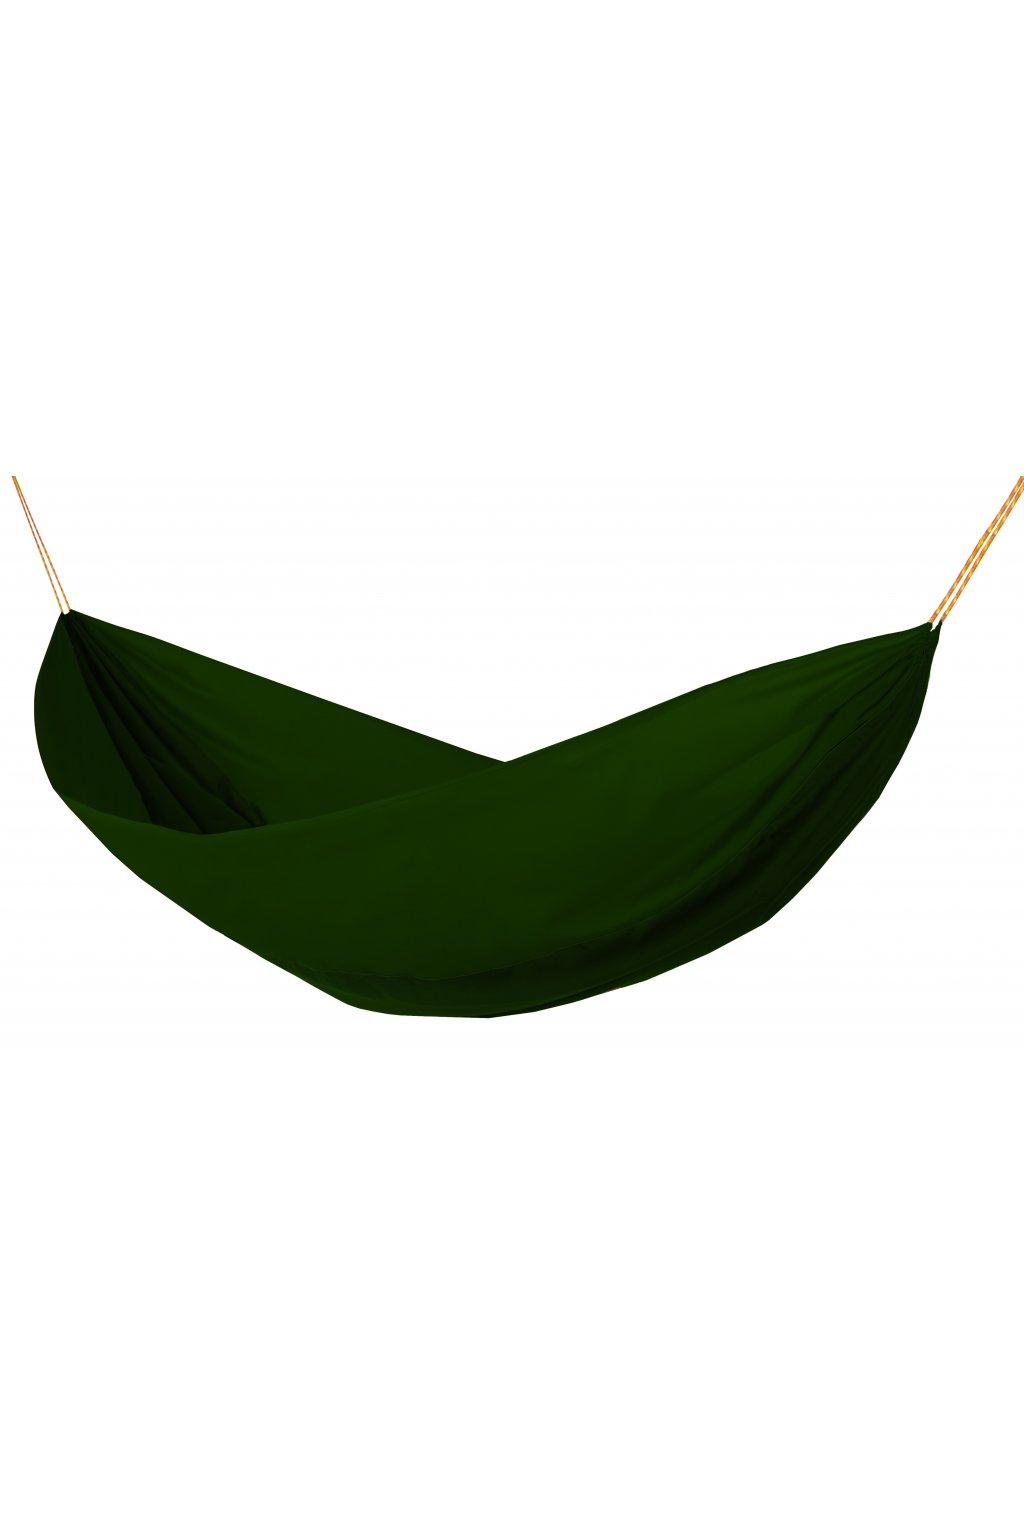 Houpací síť Hamaka originál pro jednoho zeleno-olivovo-zelená